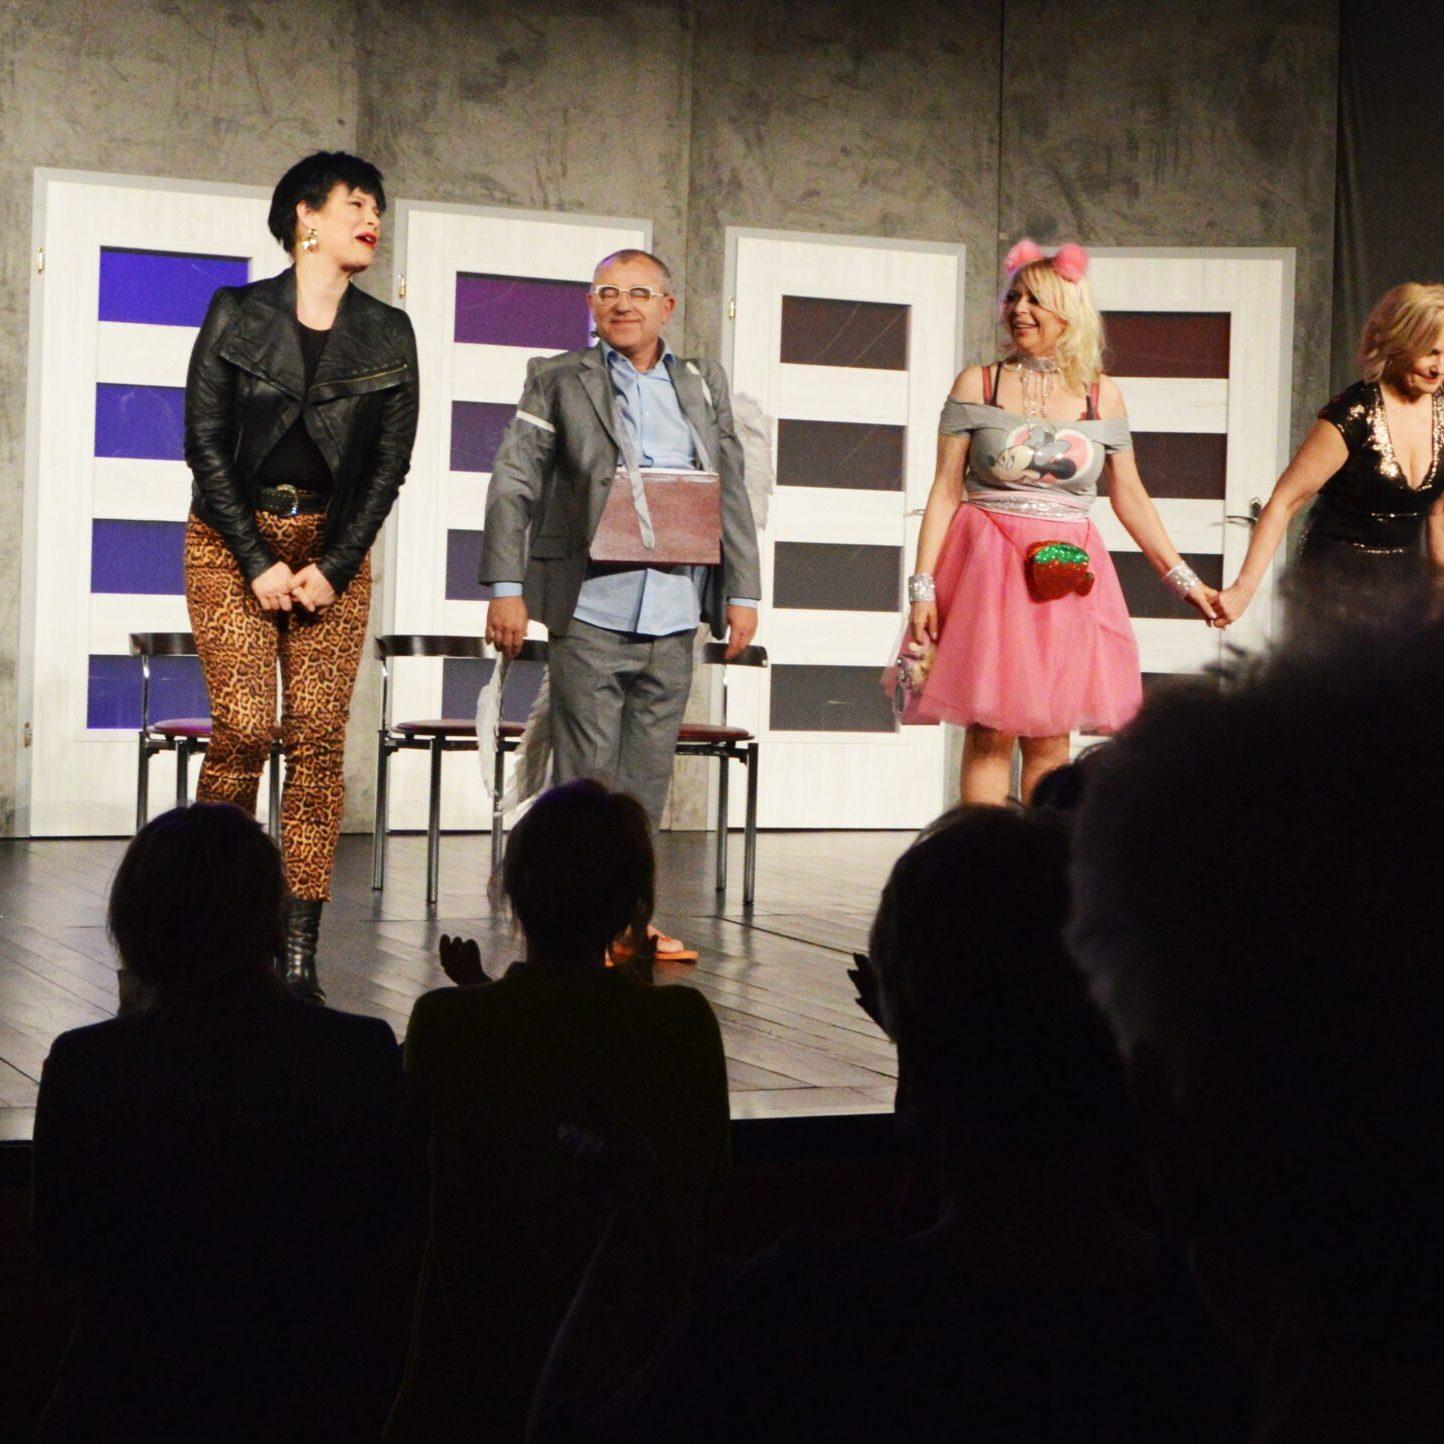 Anioł i kobiety: aktorzy żegnają się z widzami